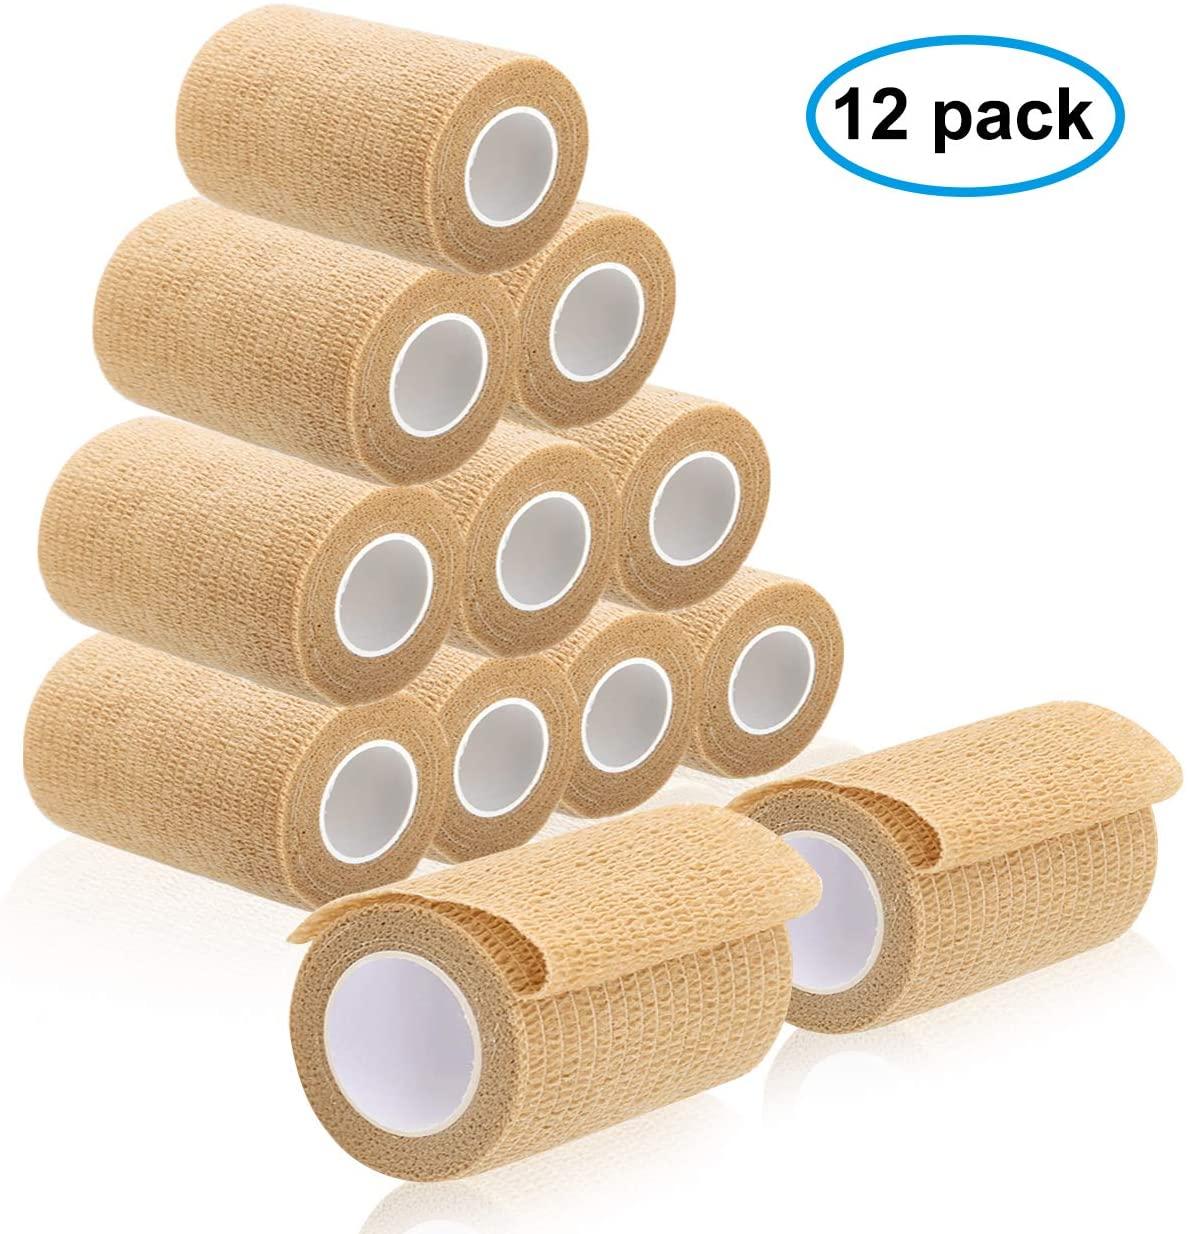 Cohesive Bandage Beige Self Adherent Wrap Bangdage Tape 4